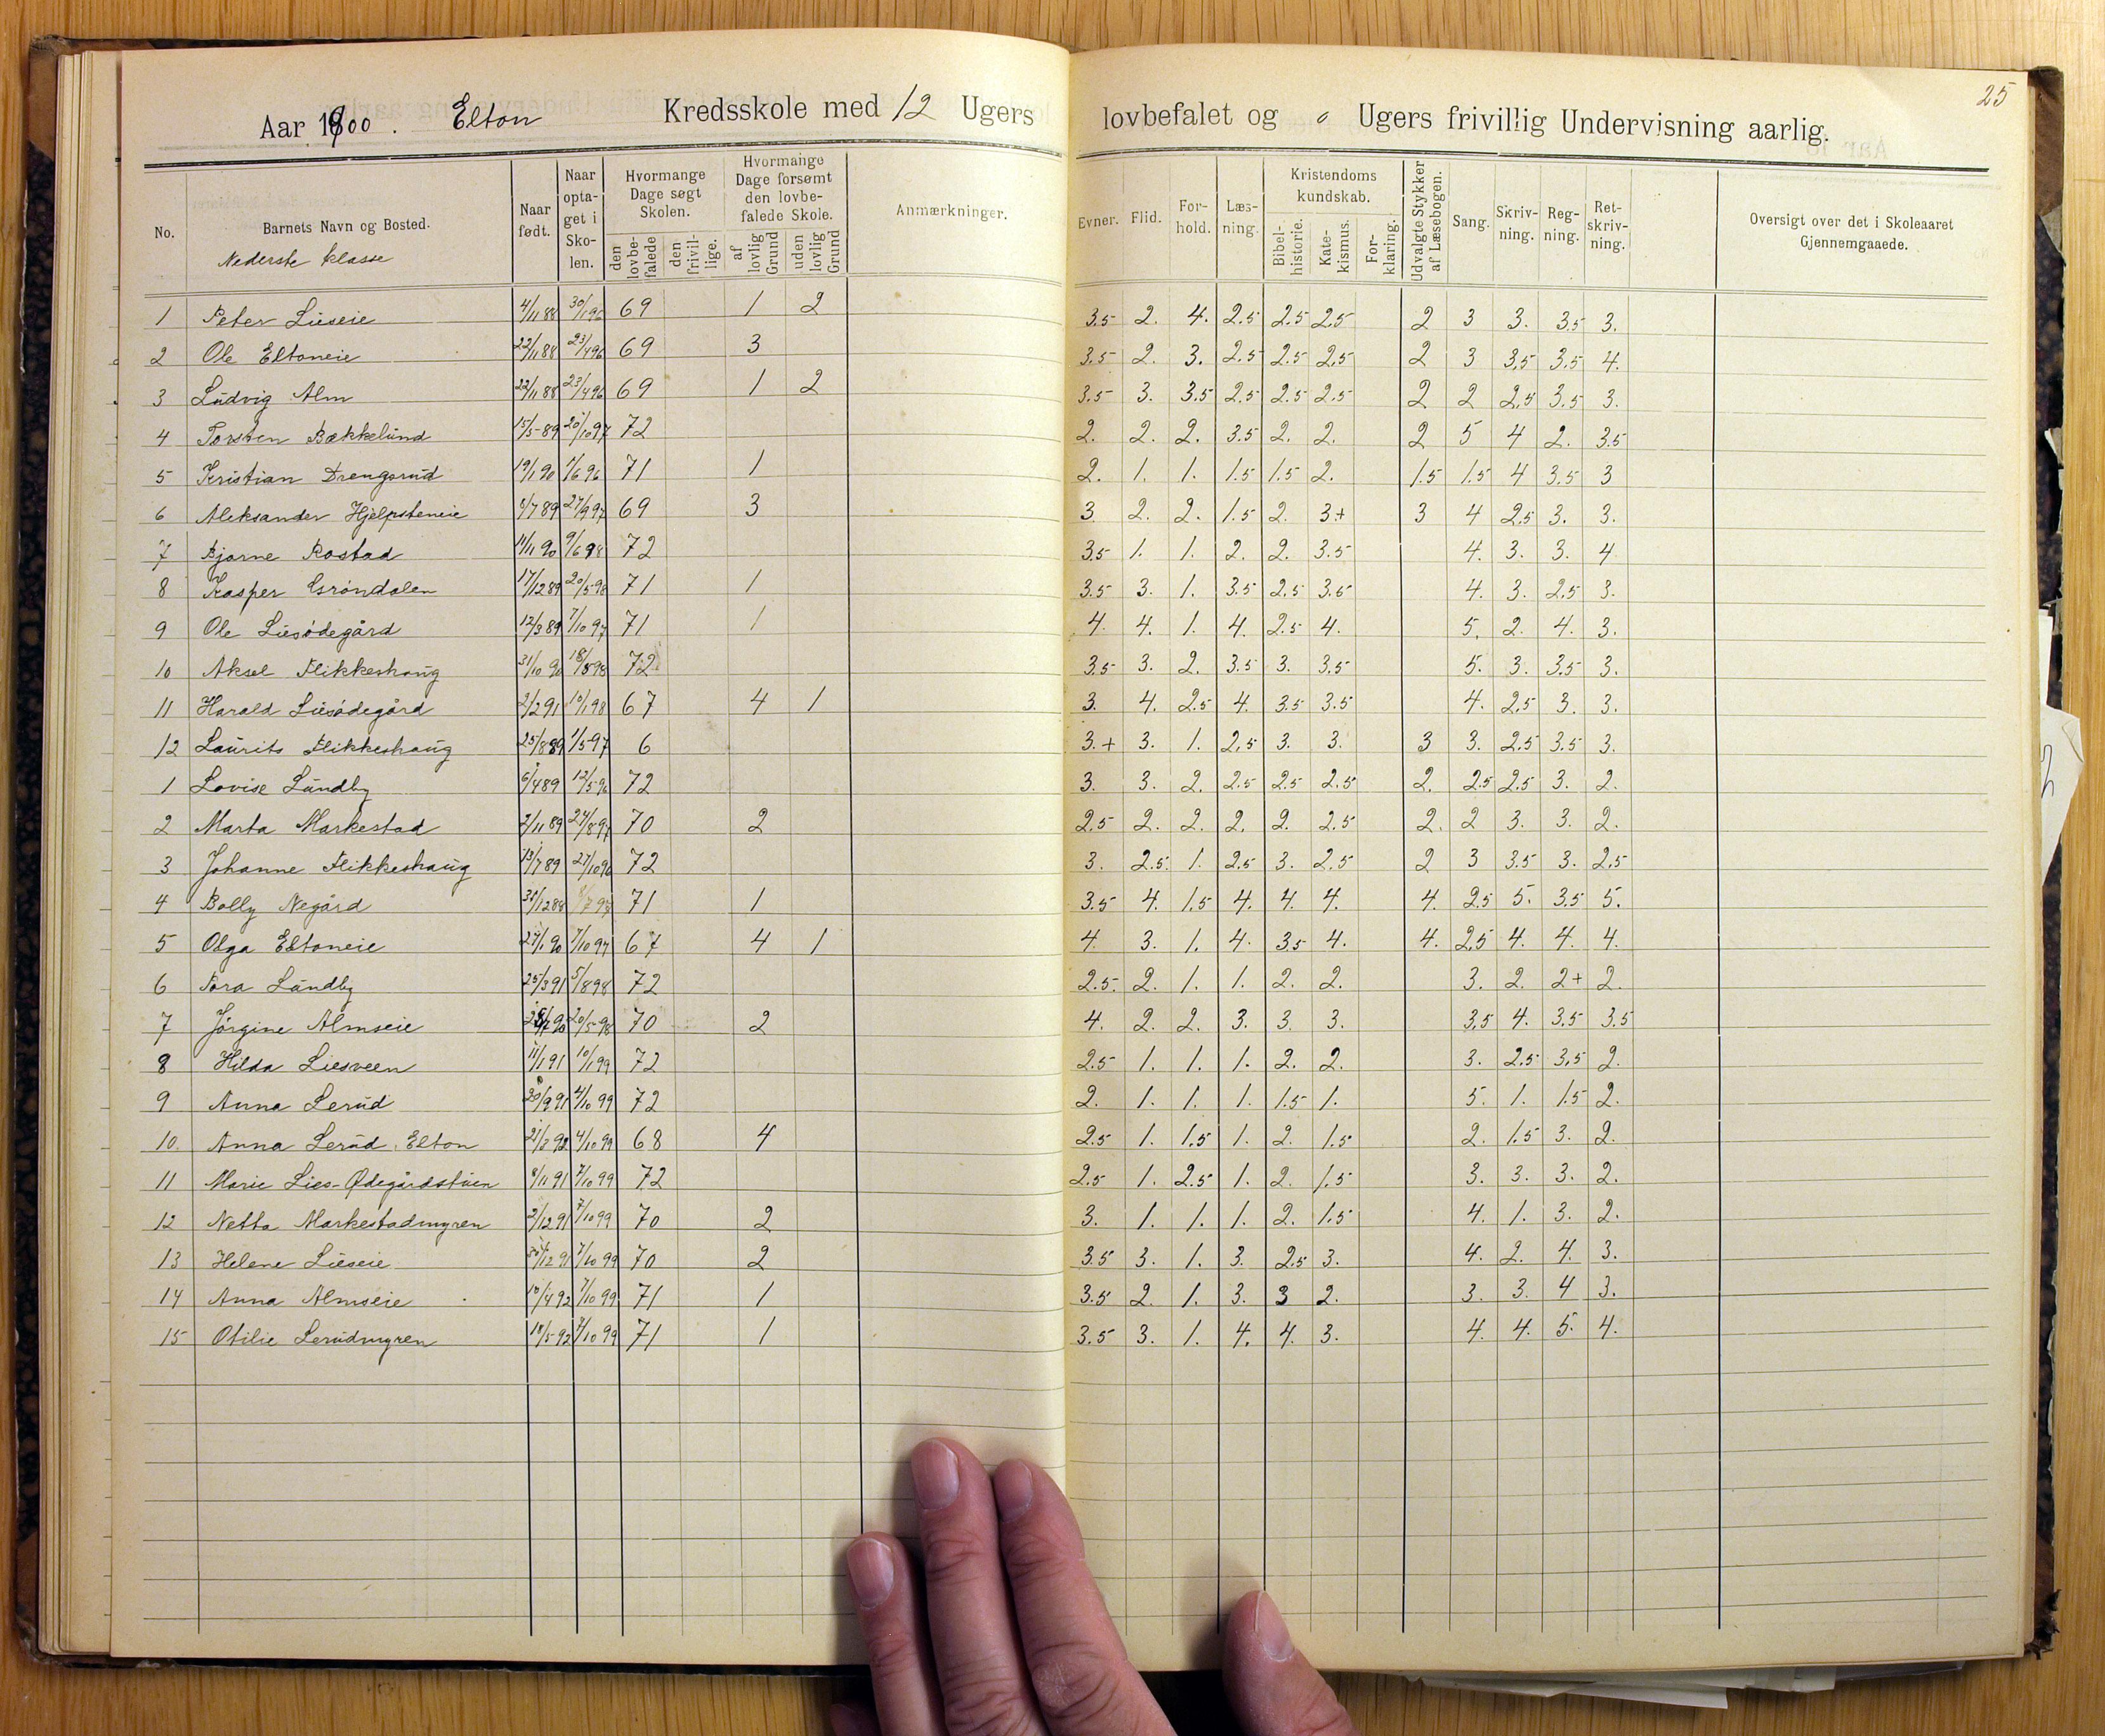 KVT, Vestre Toten kommunearkiv*, -/-: Skolehold- og skolesøkningsprotokoll, Nordli, Elton og Østvold krets i Vestre Toten skolekommune, 1886-1904, p. 25